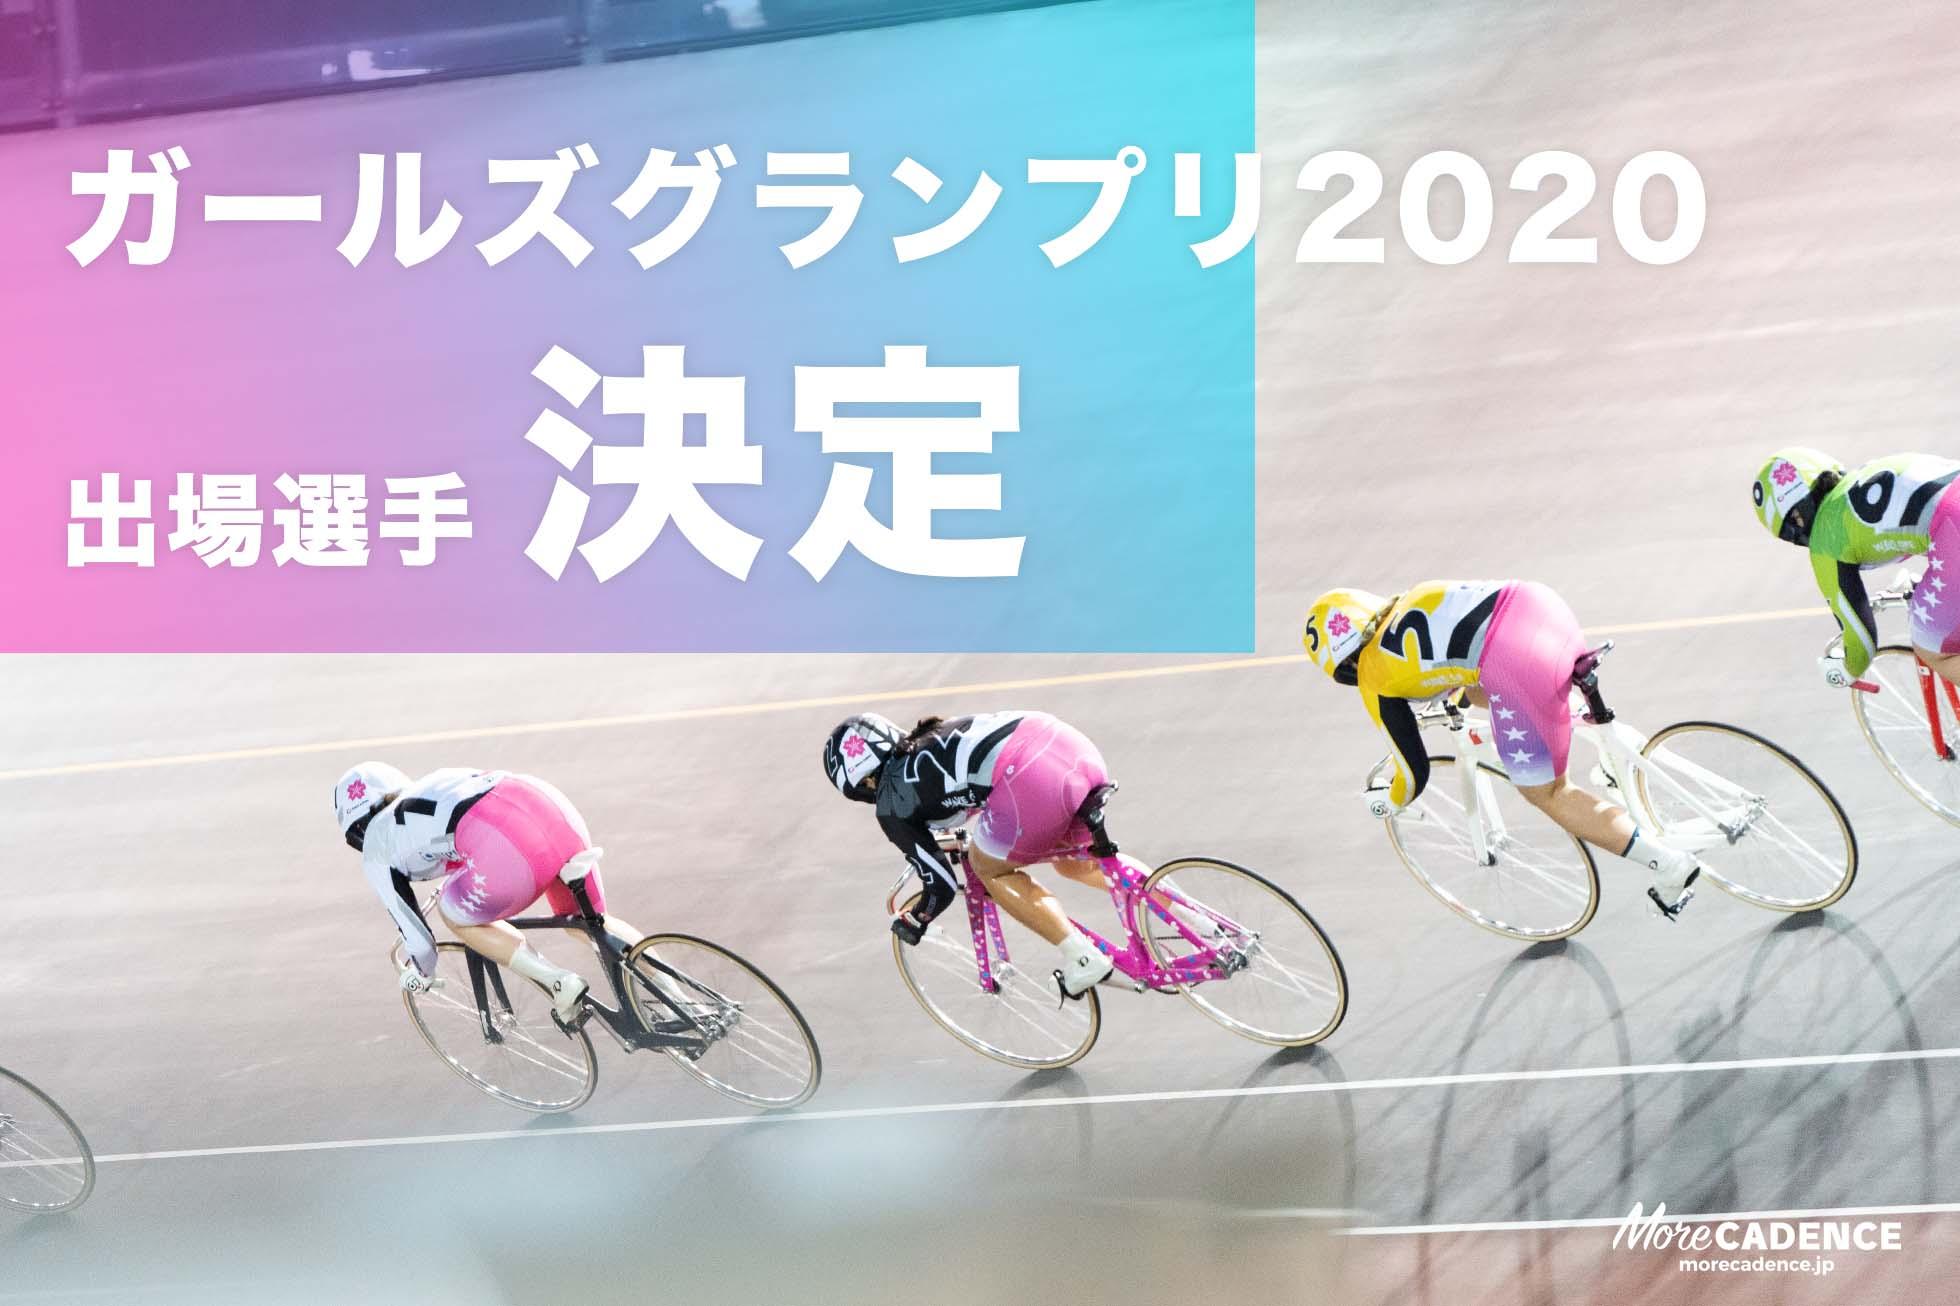 ガールズグランプリ2020 出場予定選手決定